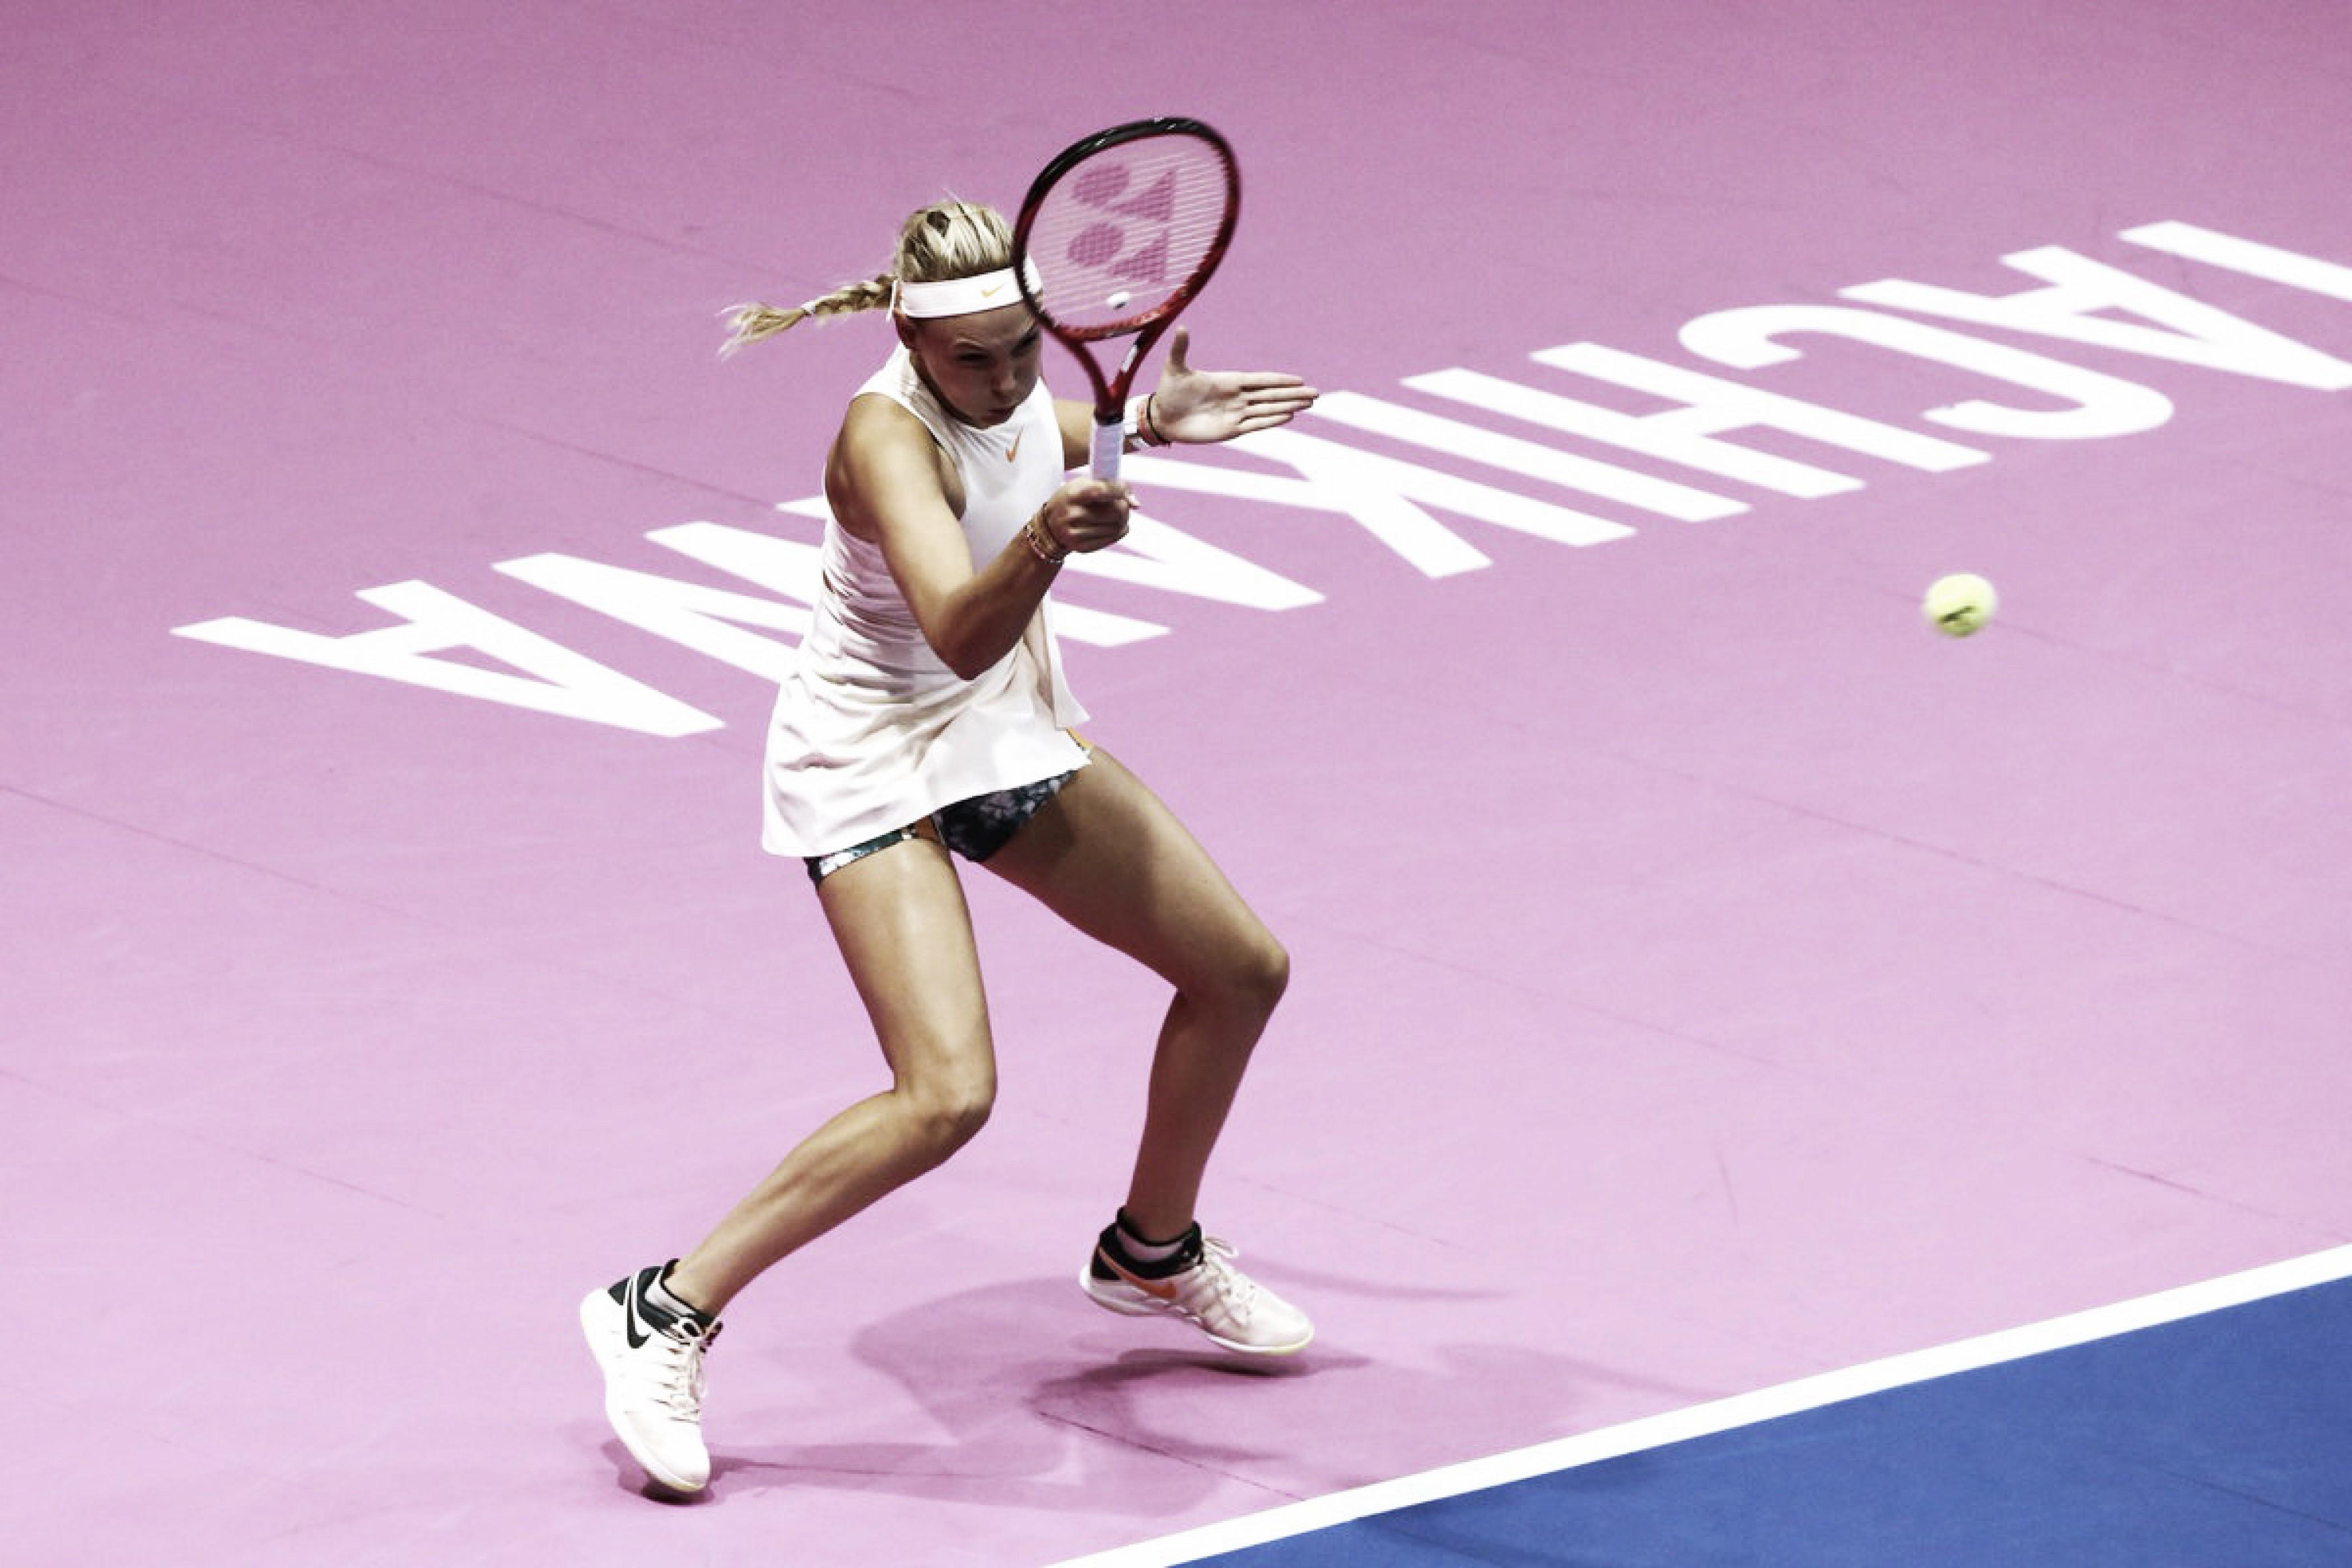 Com grande recuperação no segundo set, Vekic vence Konta e segue firme no WTA de Tóquio